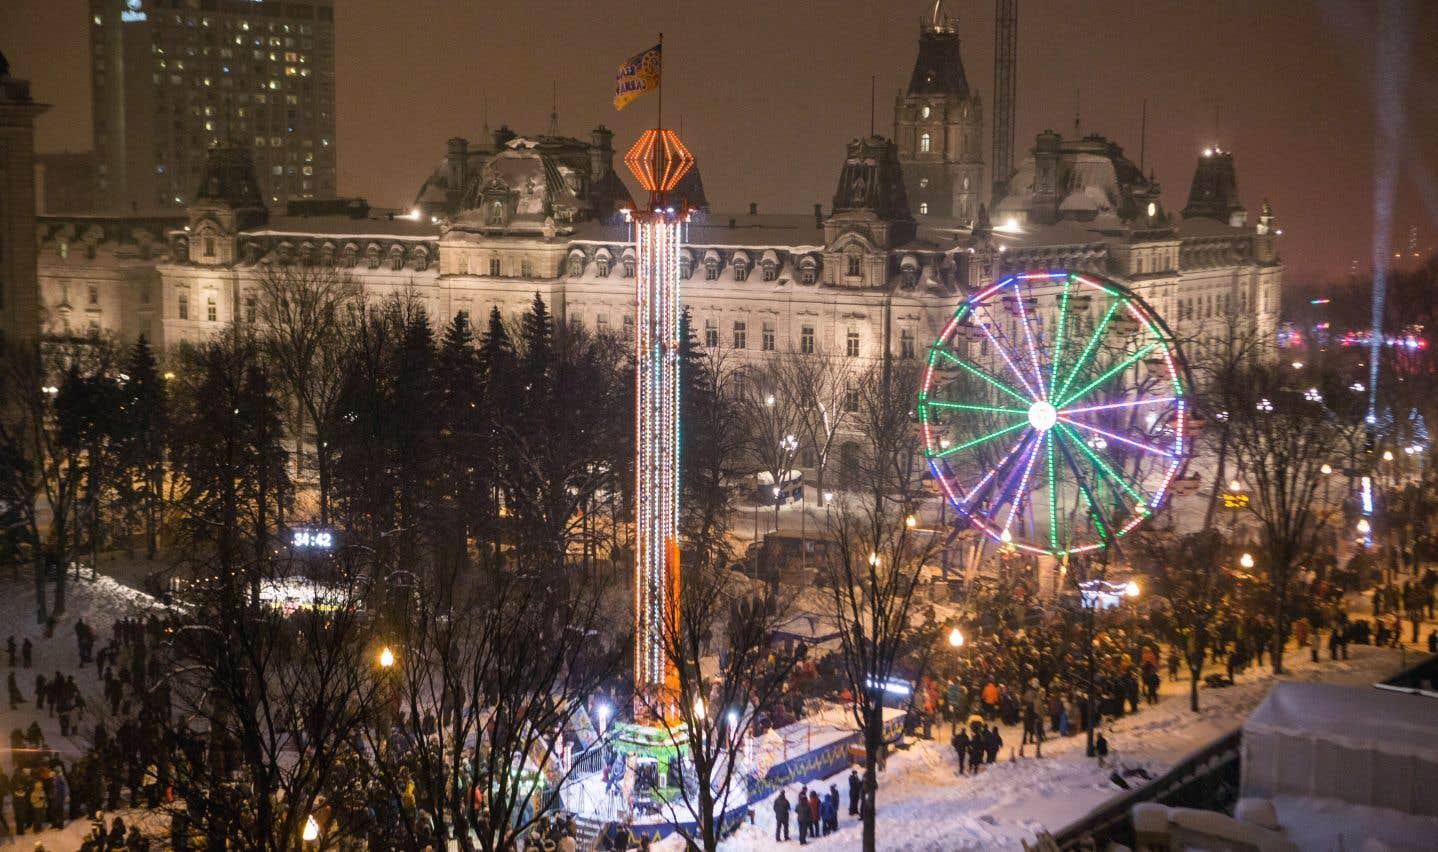 Une grande roue et une tyrolienne sont présentes pour animer le site depuis le 27décembre.